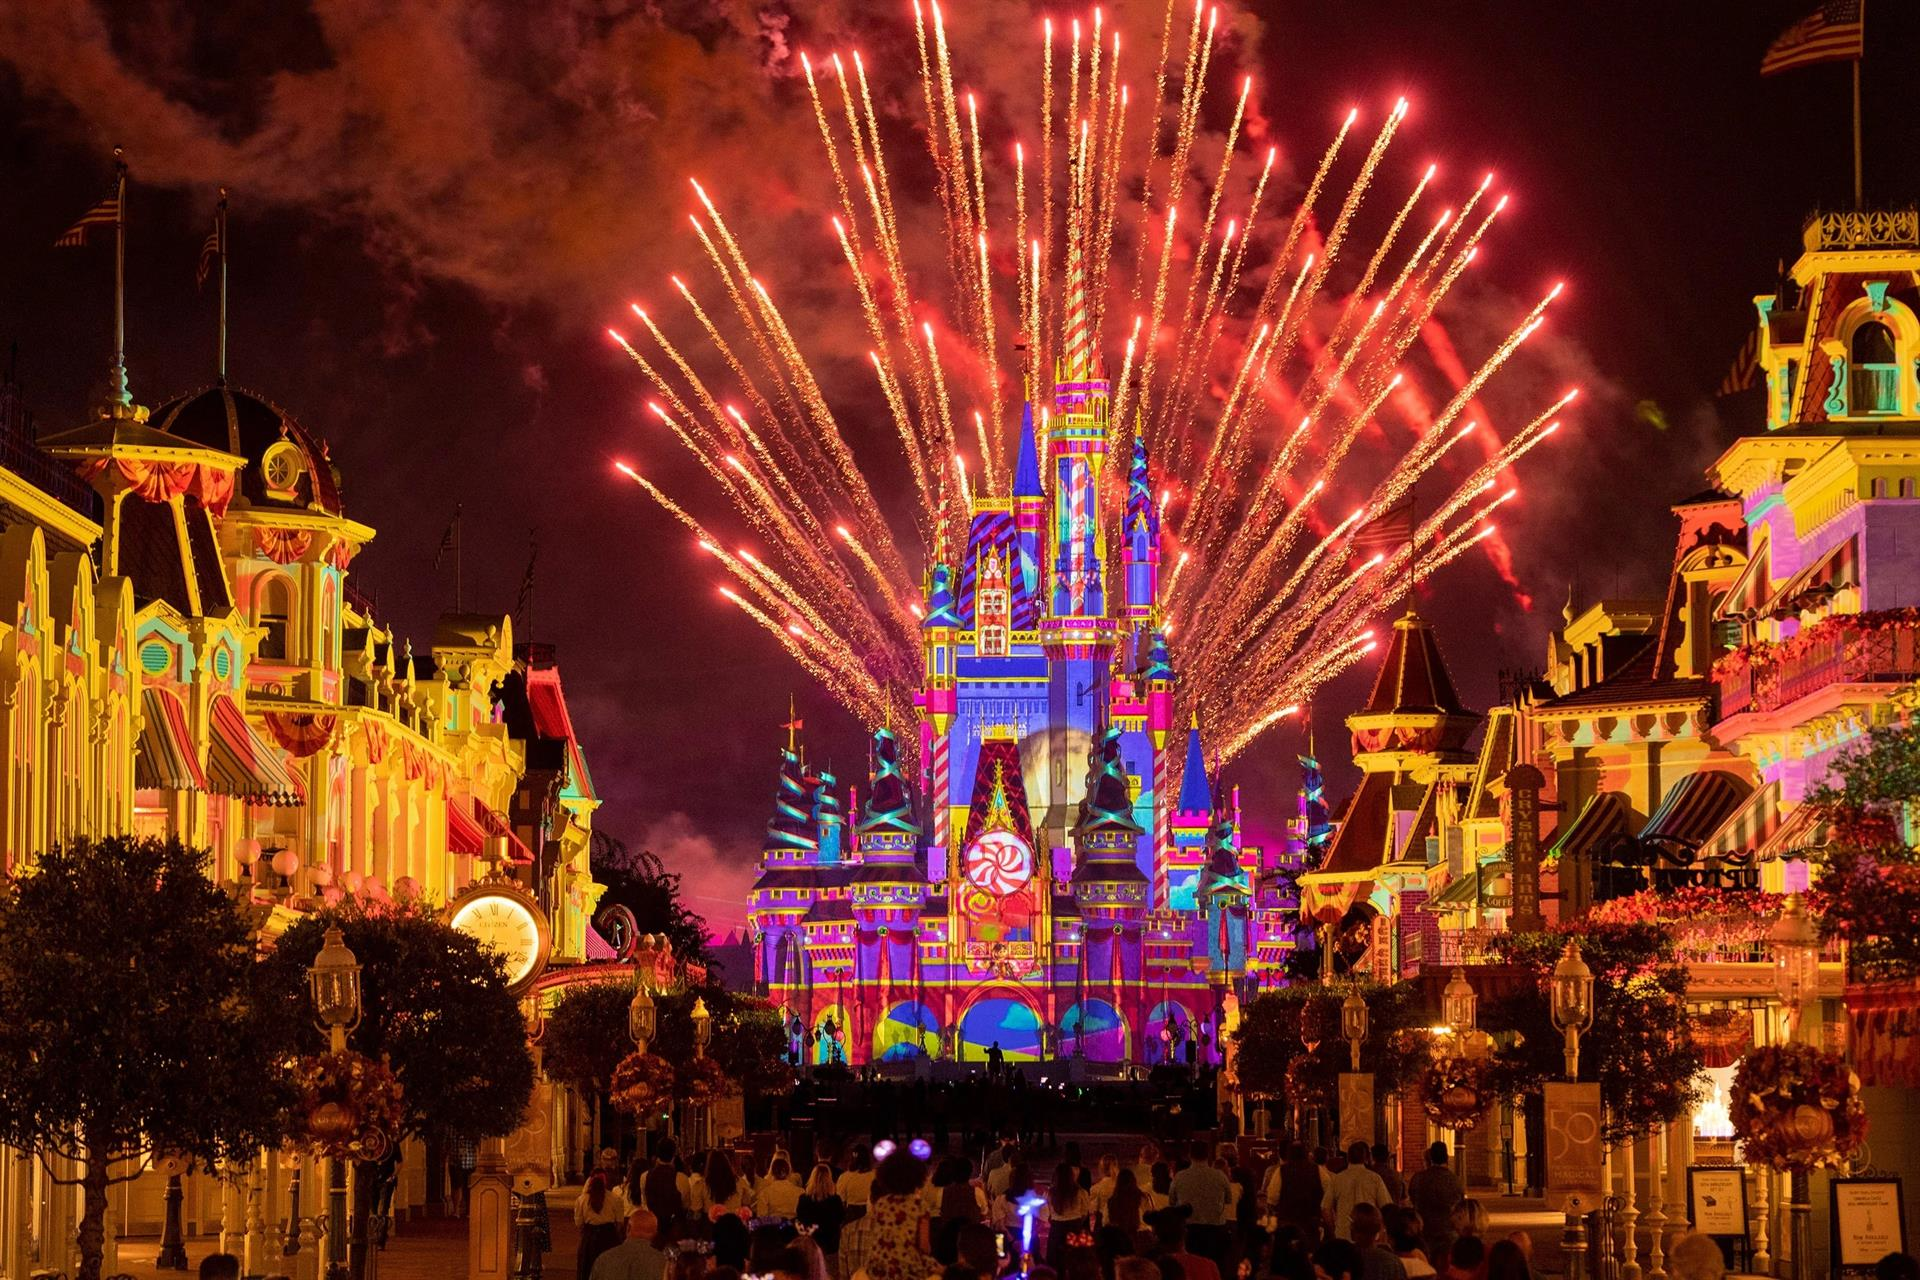 Diez curiosidades sobre Walt Disney World en sus 50 años de magia